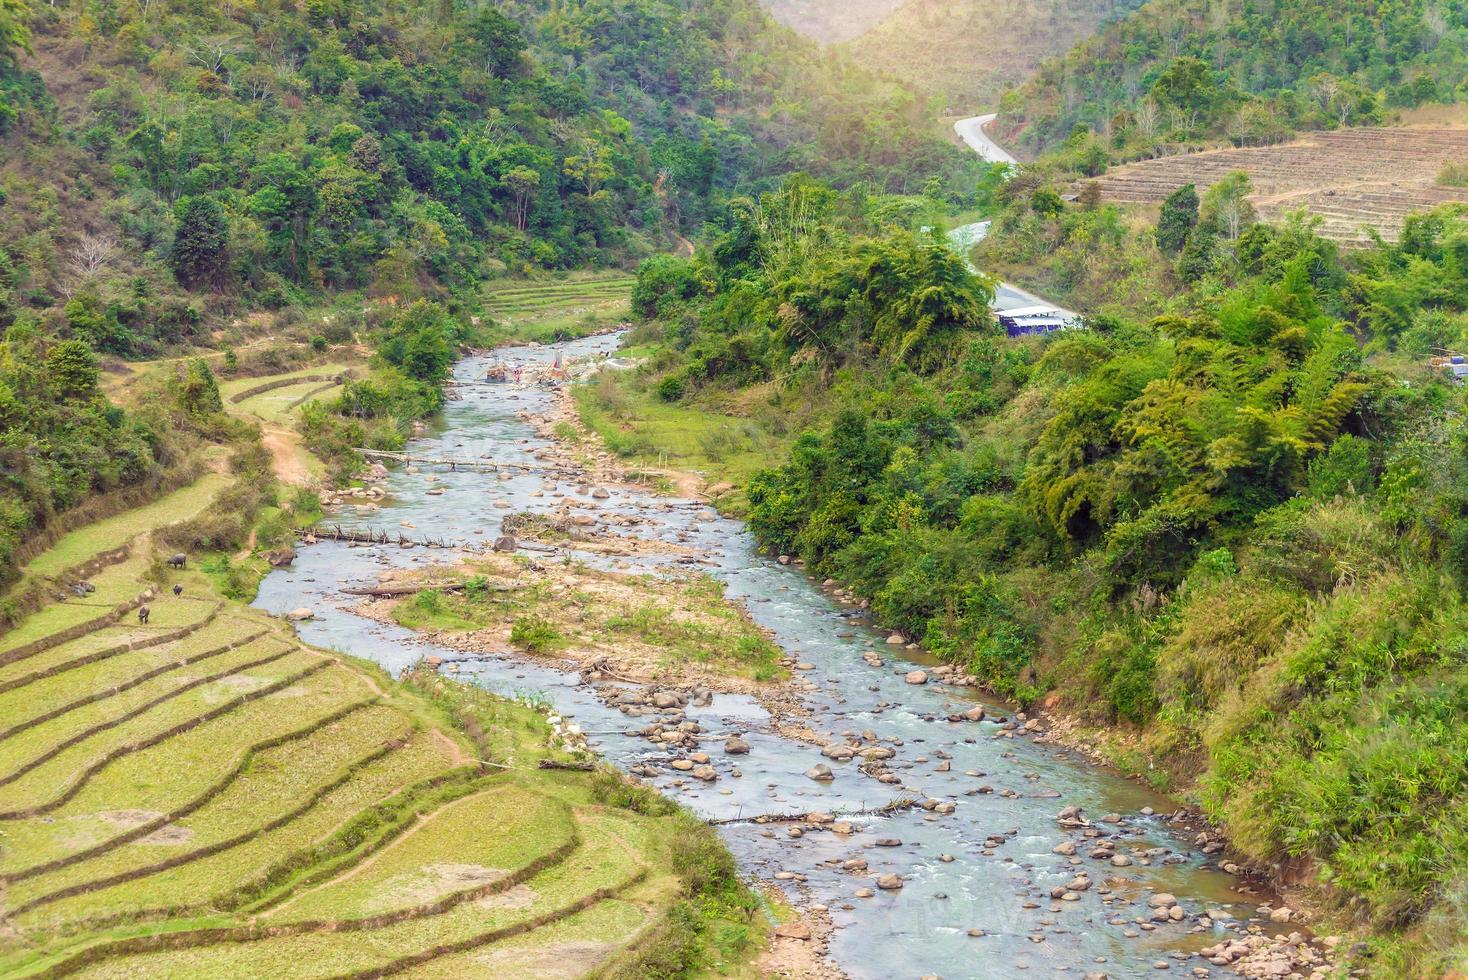 vackert landskap om terrasserat risfält med flod i Myan foto